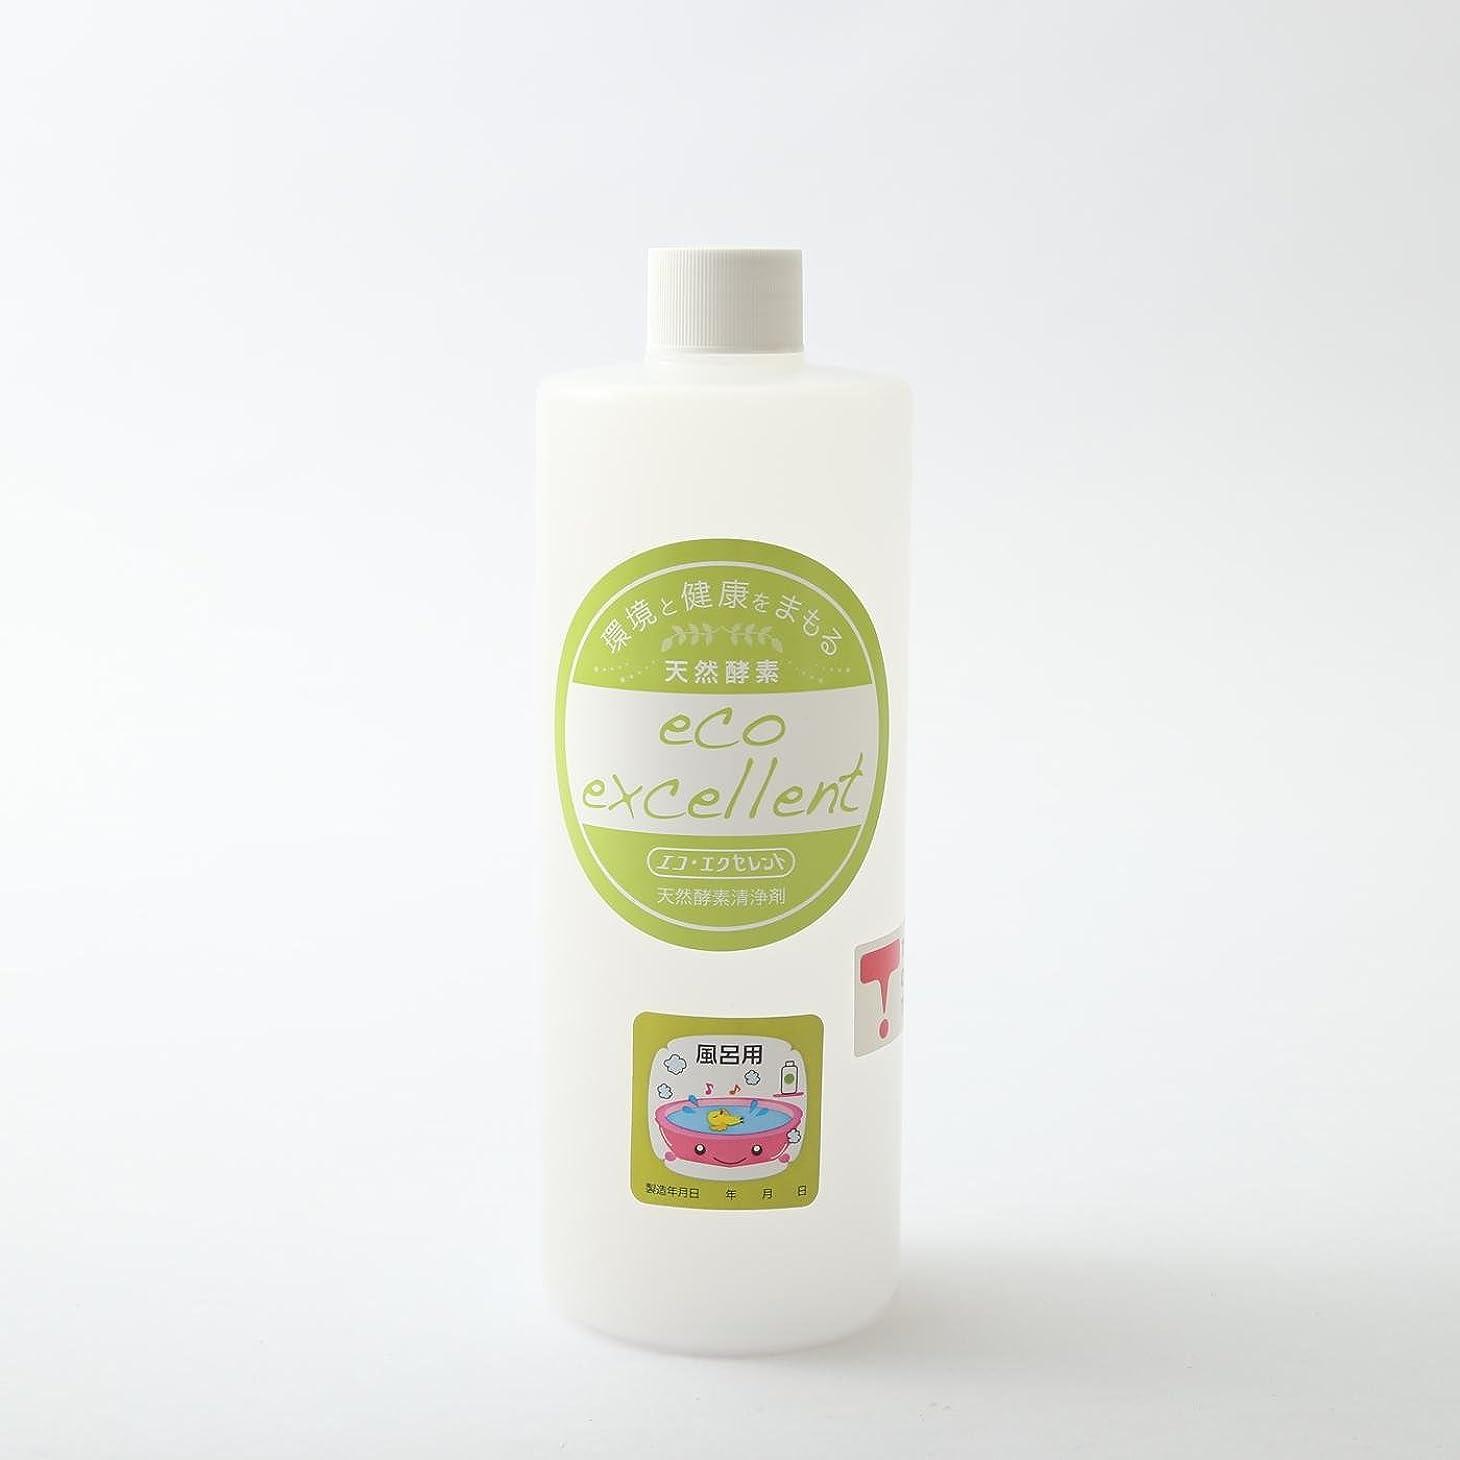 ショルダーセンチメートルキャメル天然酵素洗浄剤 エコエクセレント風呂用